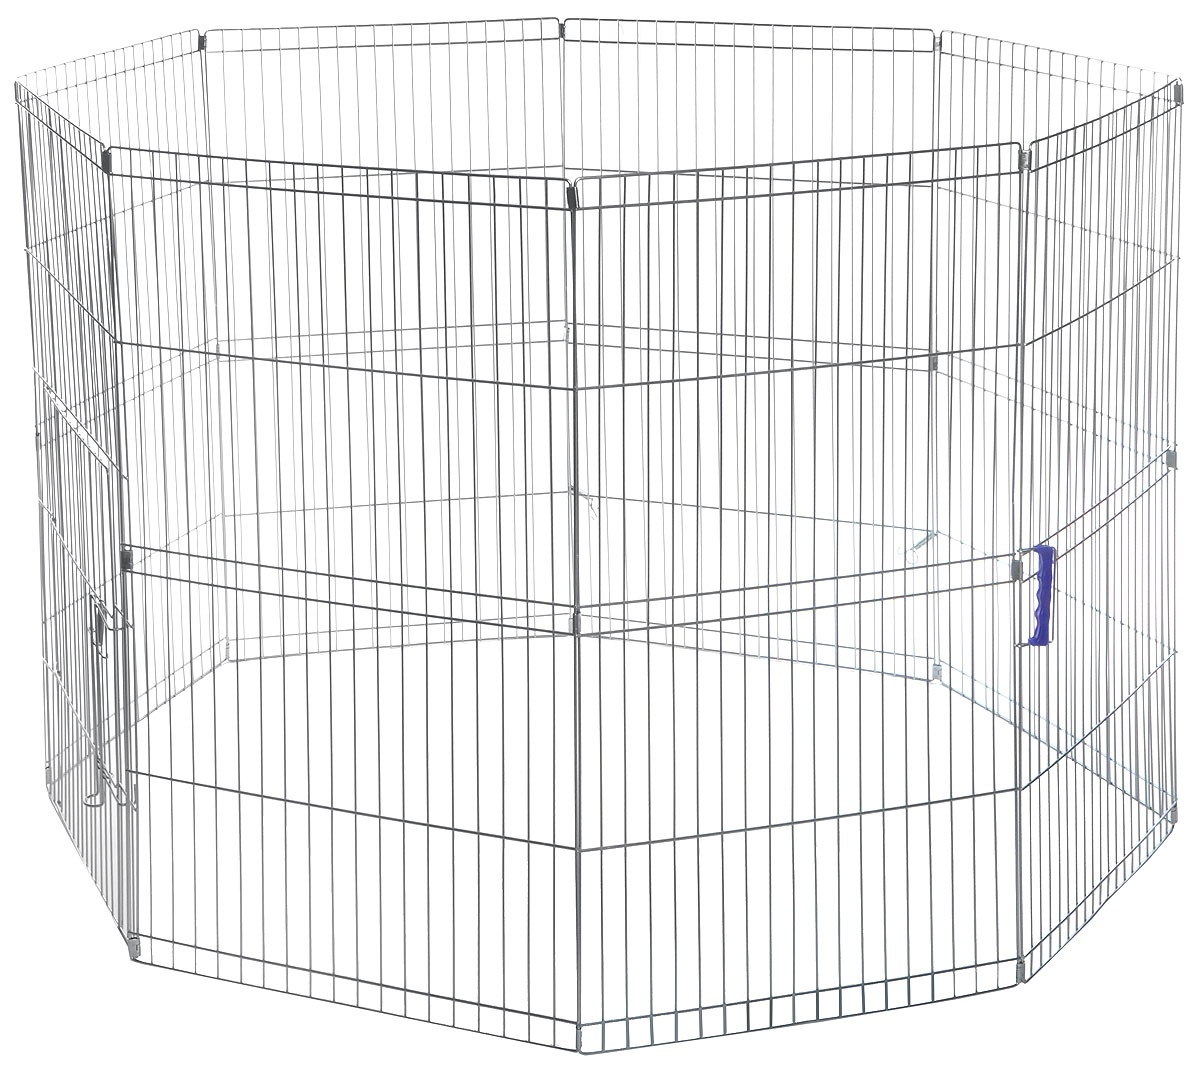 Клетка-загон для животных Camon, складная, 8 панелей, 57 x 100 смC174/BУдобная складная клетка-загон для животных Camon, изготовленная из металла, легко и быстро собирается. Изделие имеет 8 панелей. Такая клетка легко располагается в автомобиле, поезде и в любом другом месте, а также ограничивает передвижения маленьких четвероногих друзей по квартире.Размер клетки: 57 х 100 см.